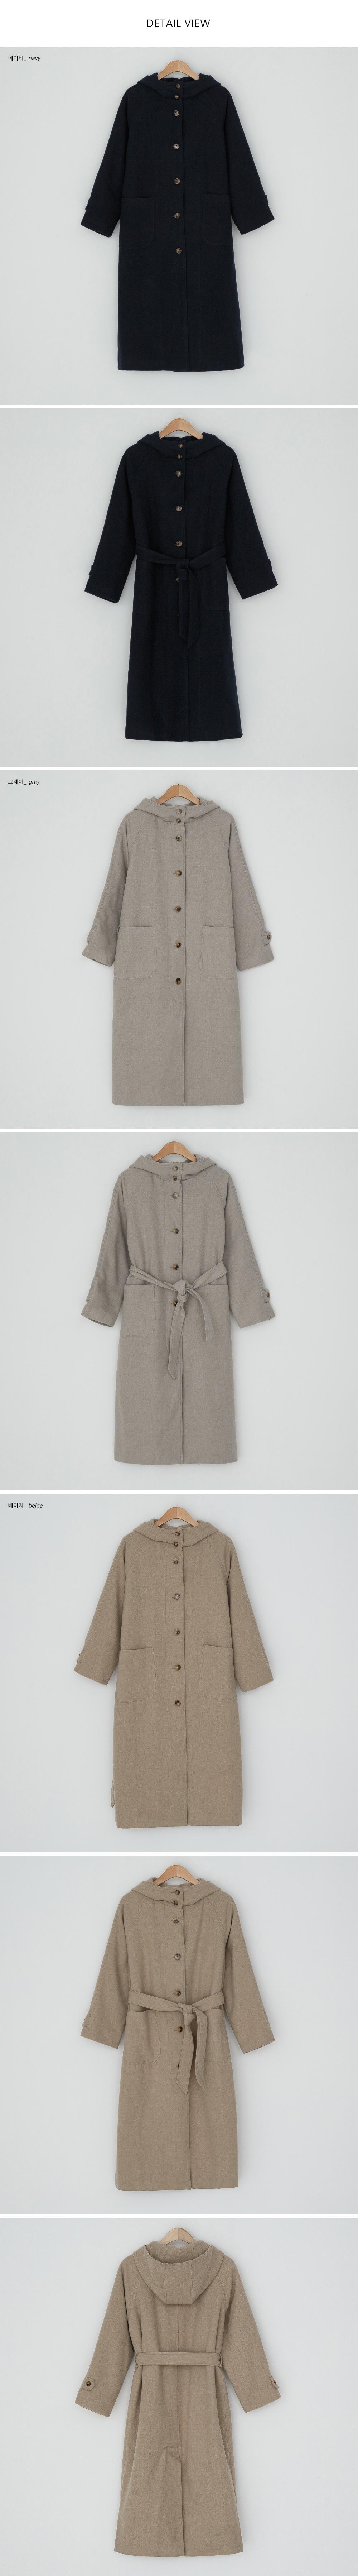 Loose-fit wool hooded coat